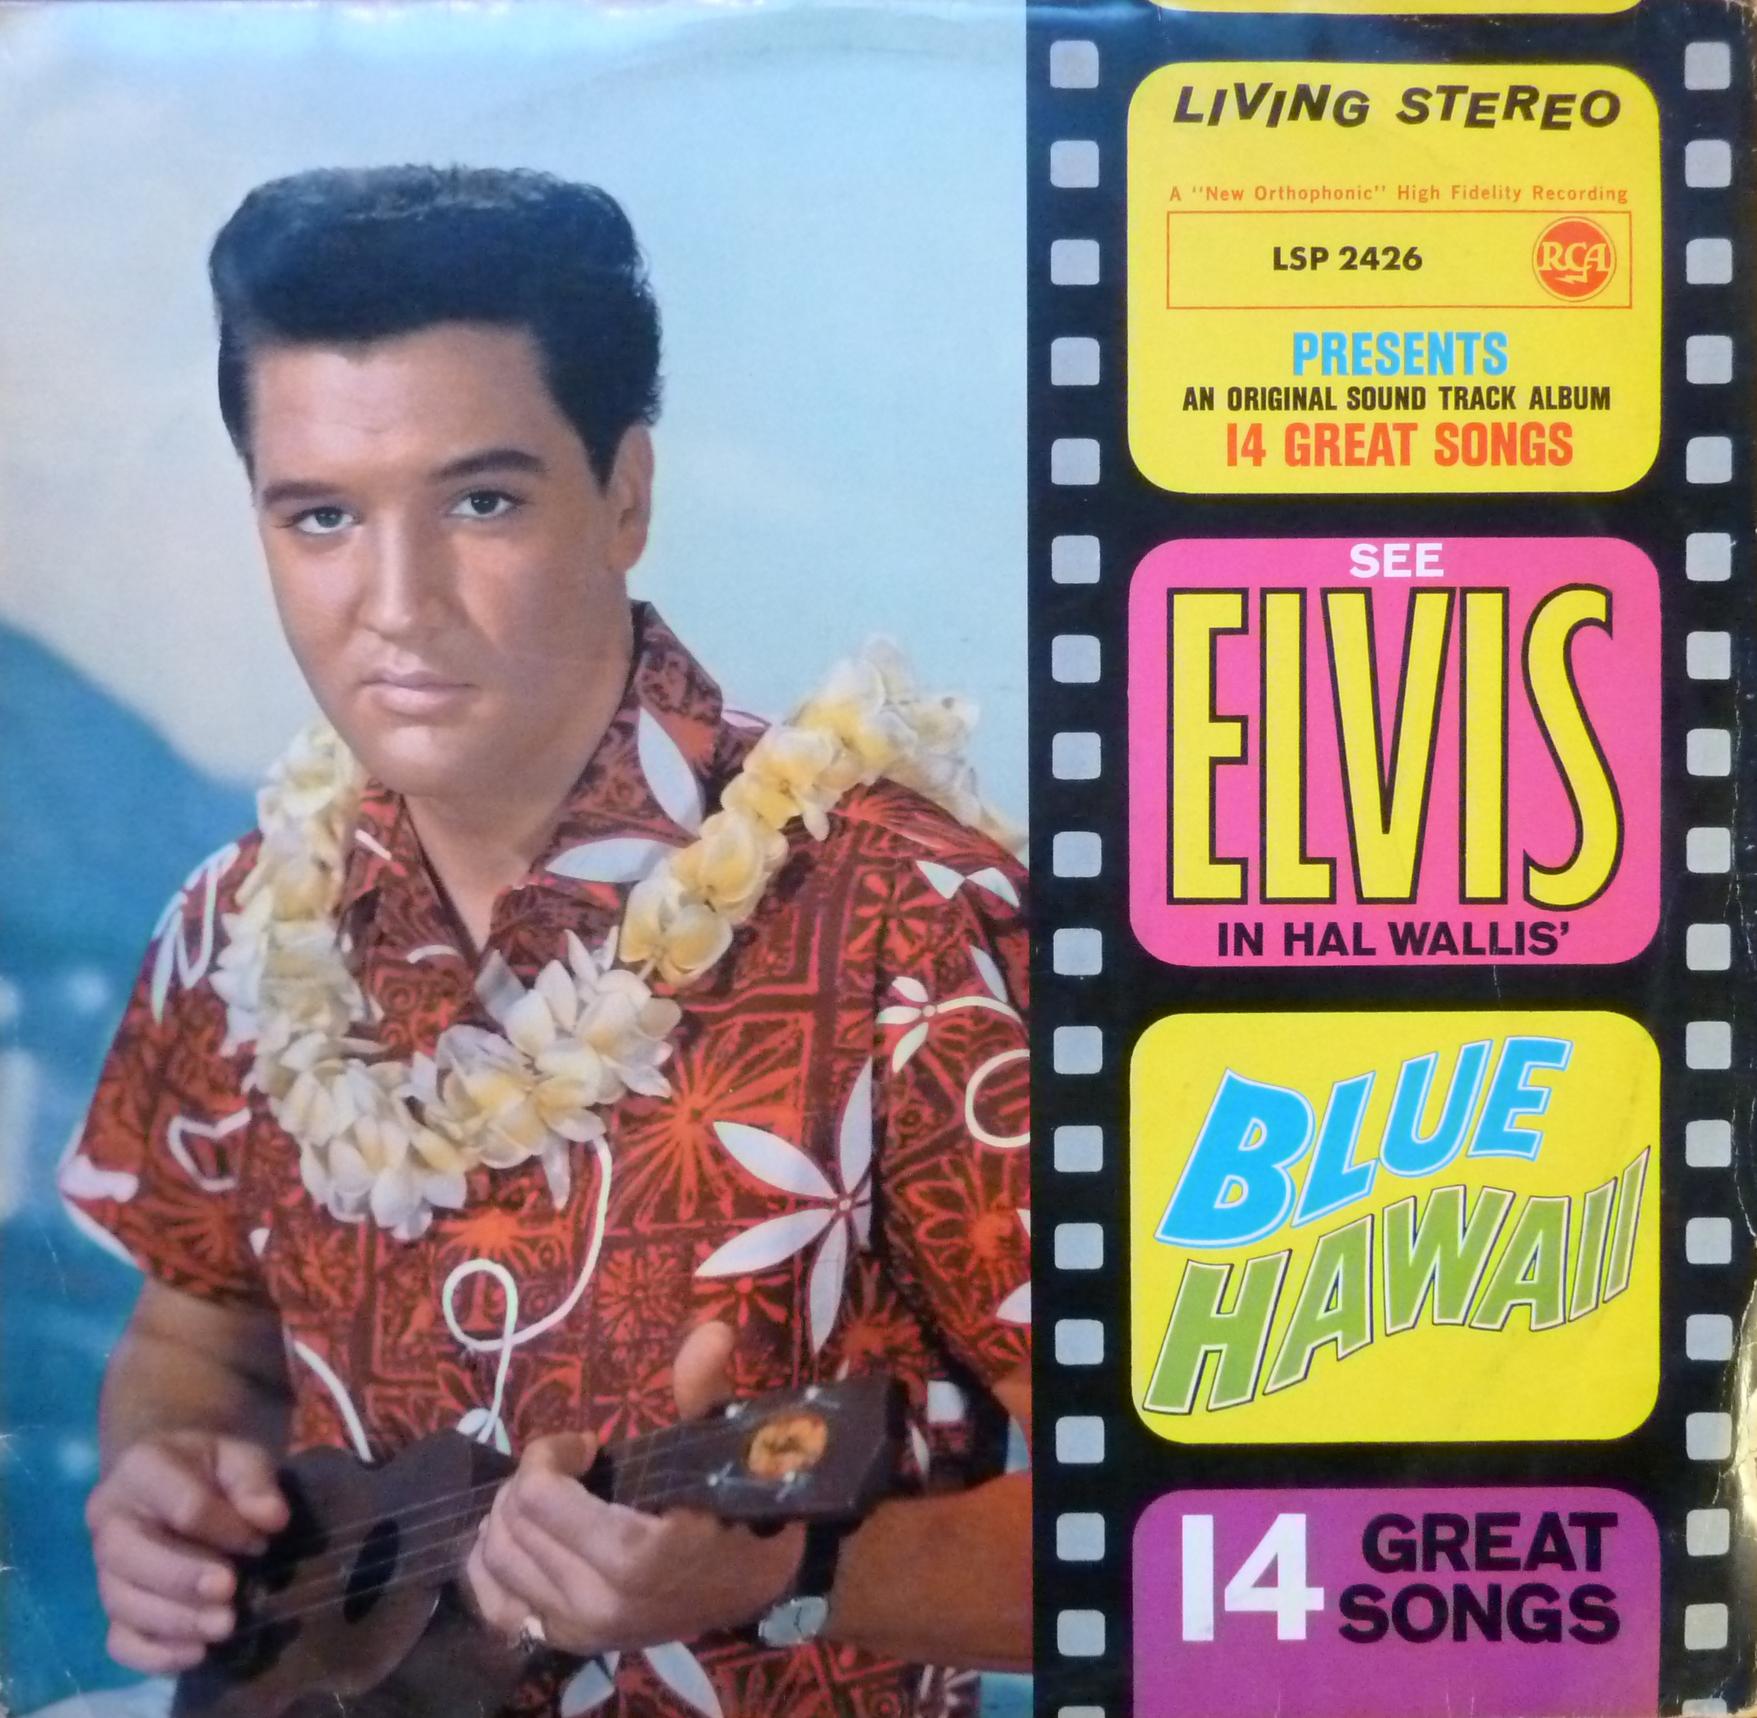 BLUE HAWAII Bluehawaii_1962_lsp_fekusv